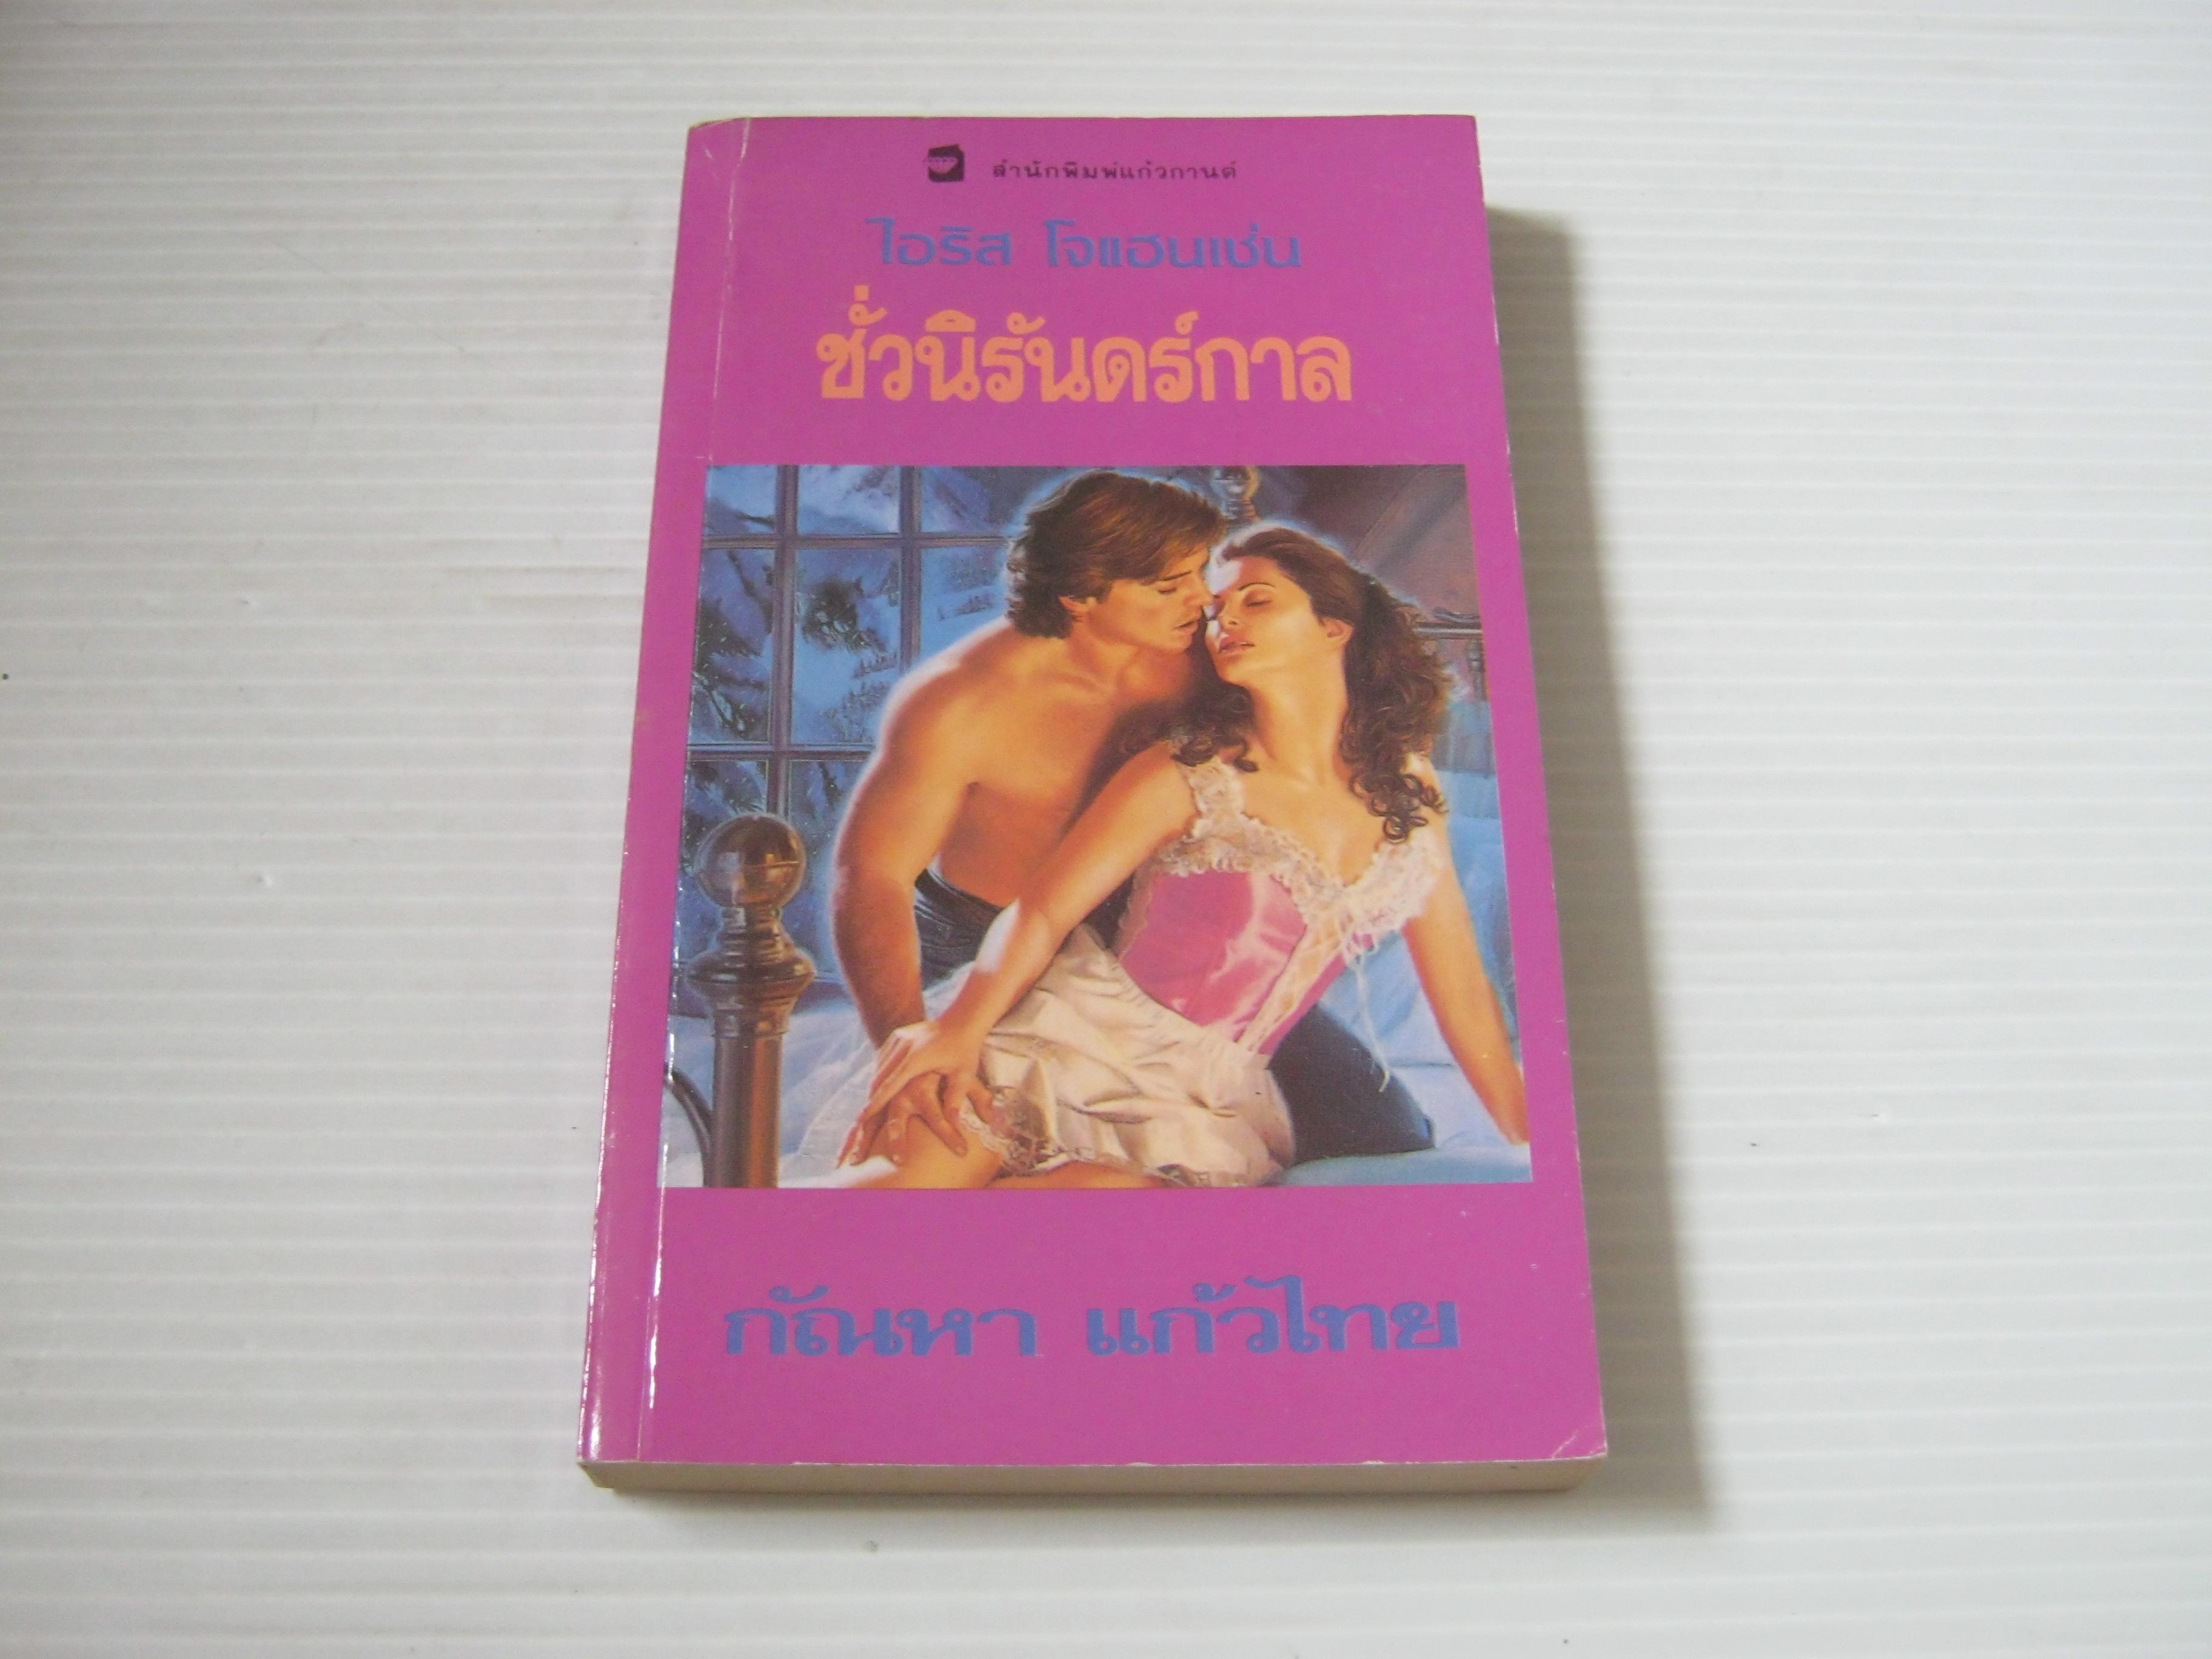 ชั่วนิรันดร์กาล ('Til The End of Time) ไอริส โจแฮนเซ่น เขียน กัณหา แก้วไทย แปล